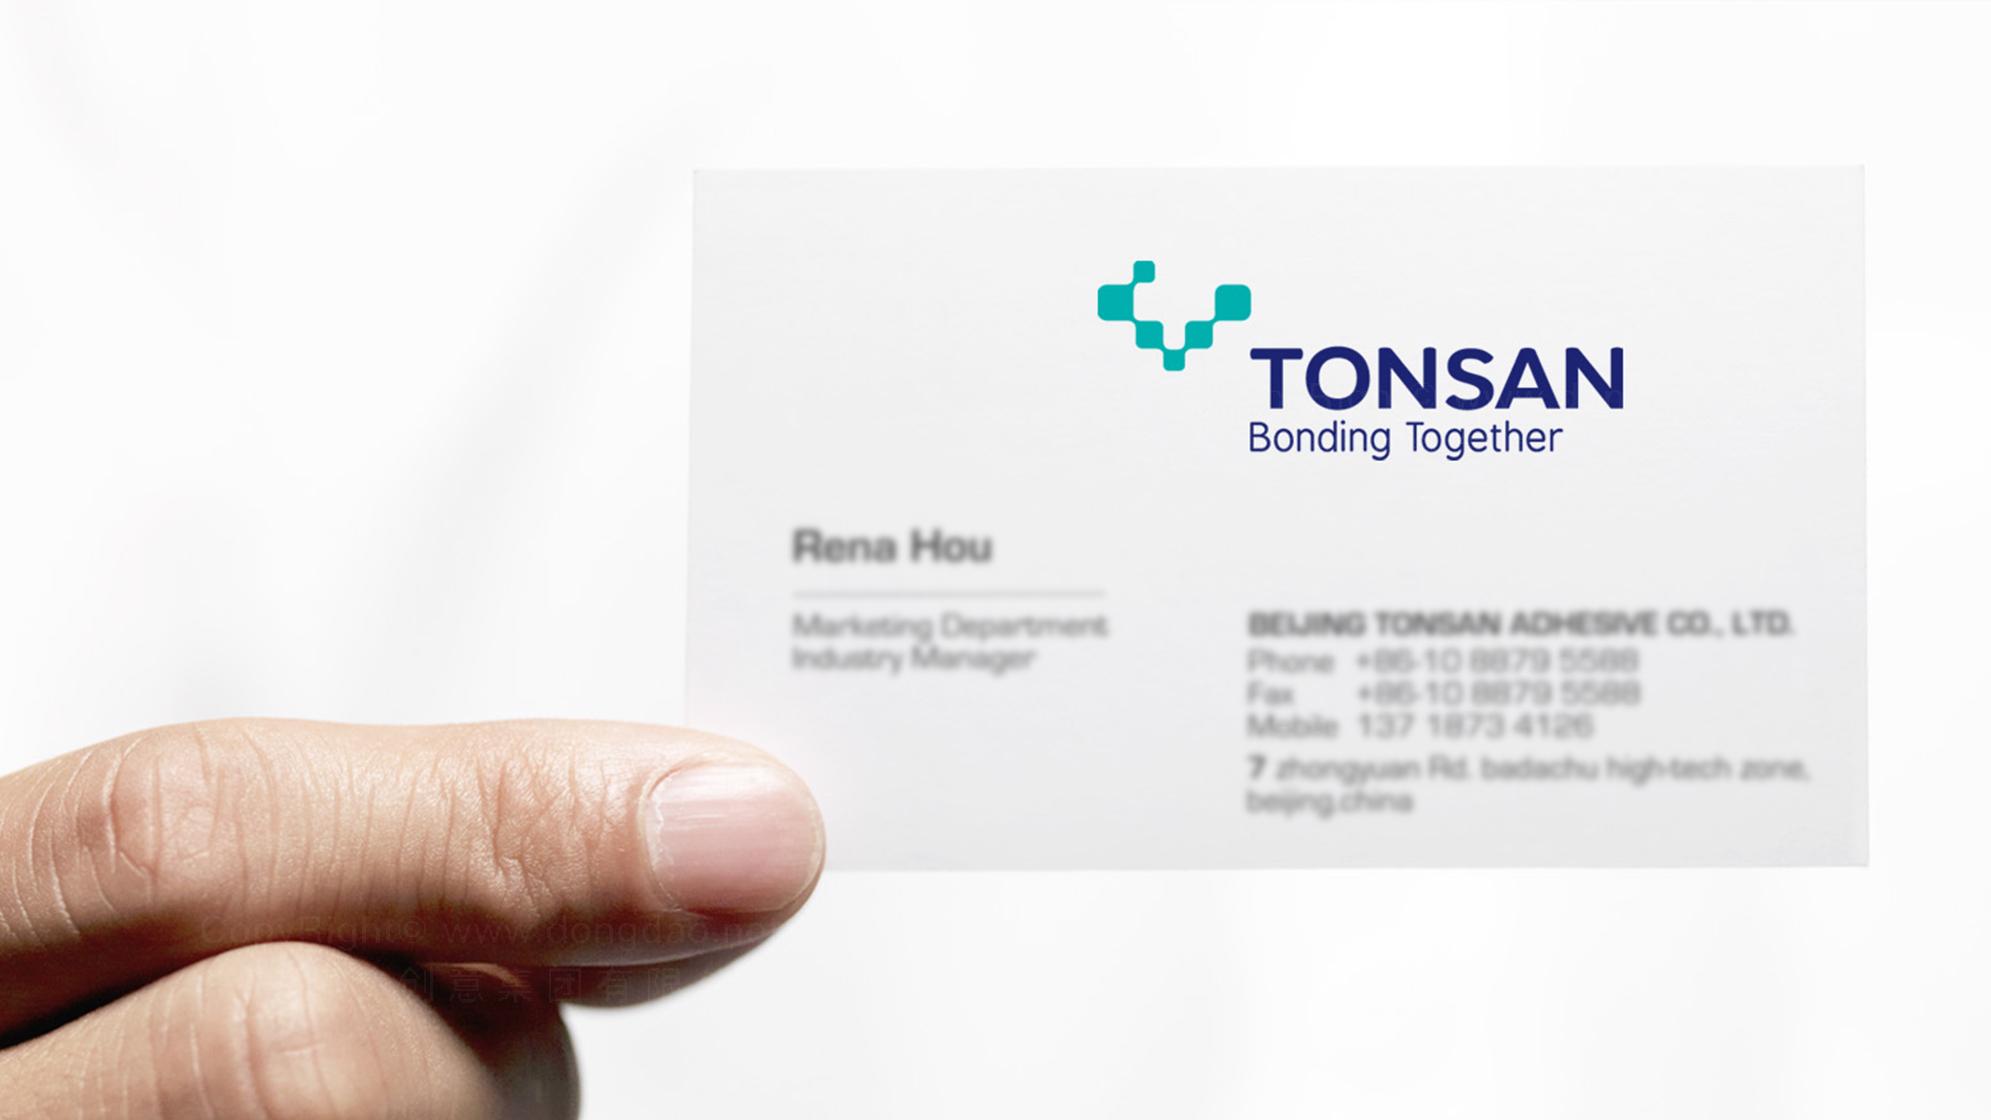 品牌设计TONSAN工业胶水LOGO&VI设计应用场景